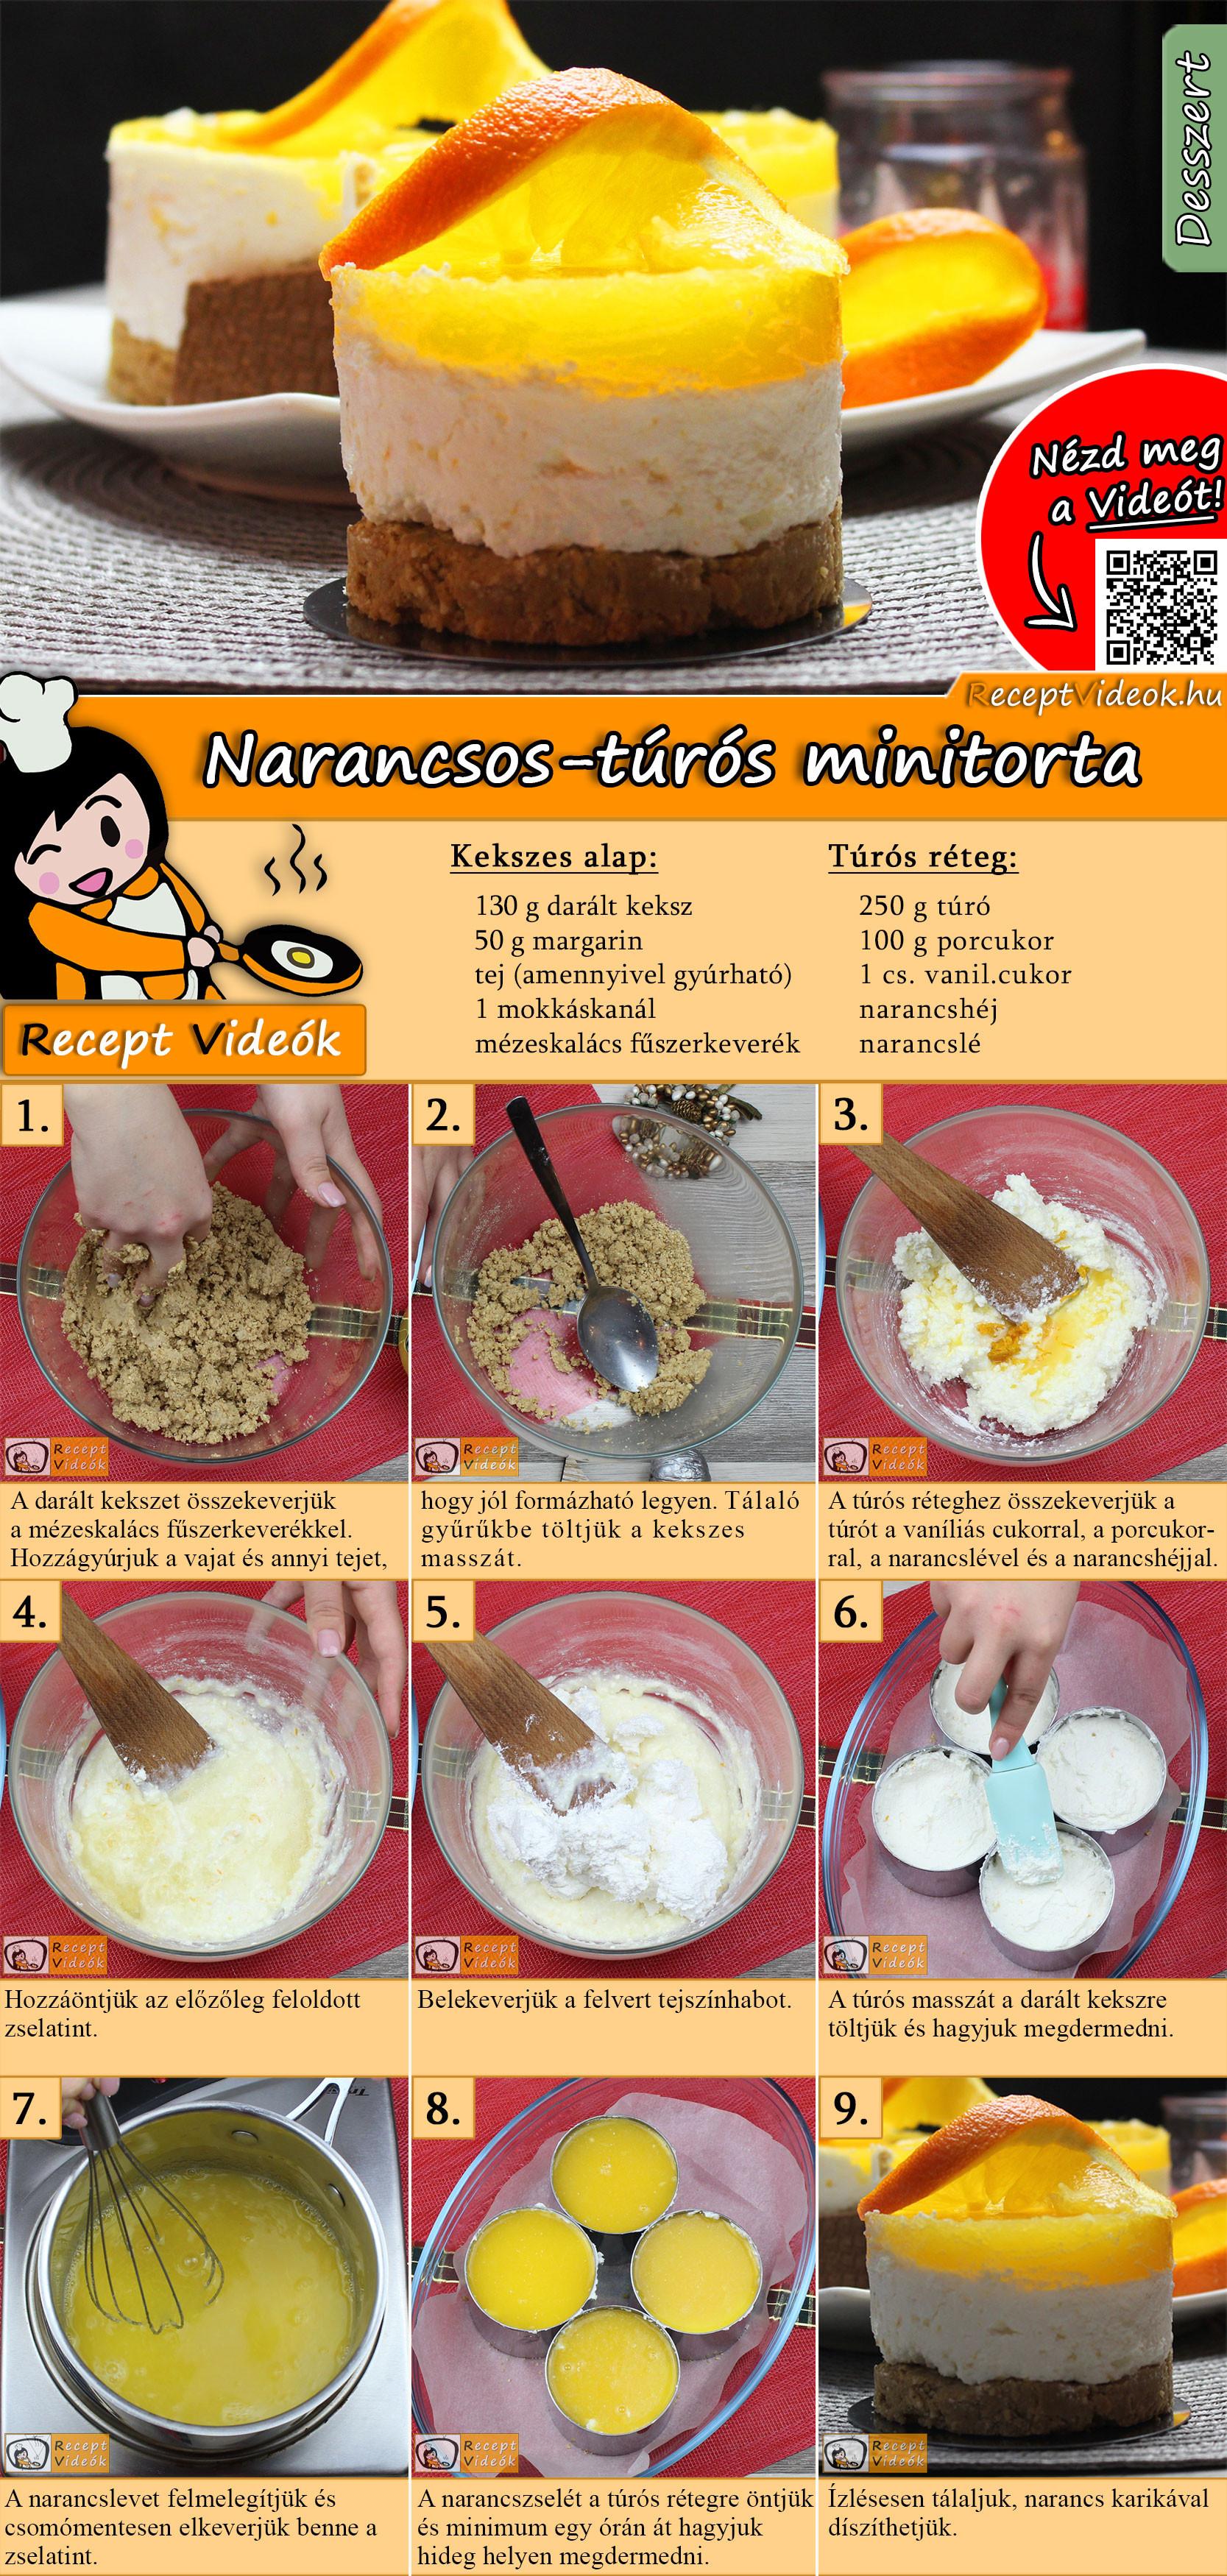 Narancsos-túrós minitorta recept elkészítése videóval